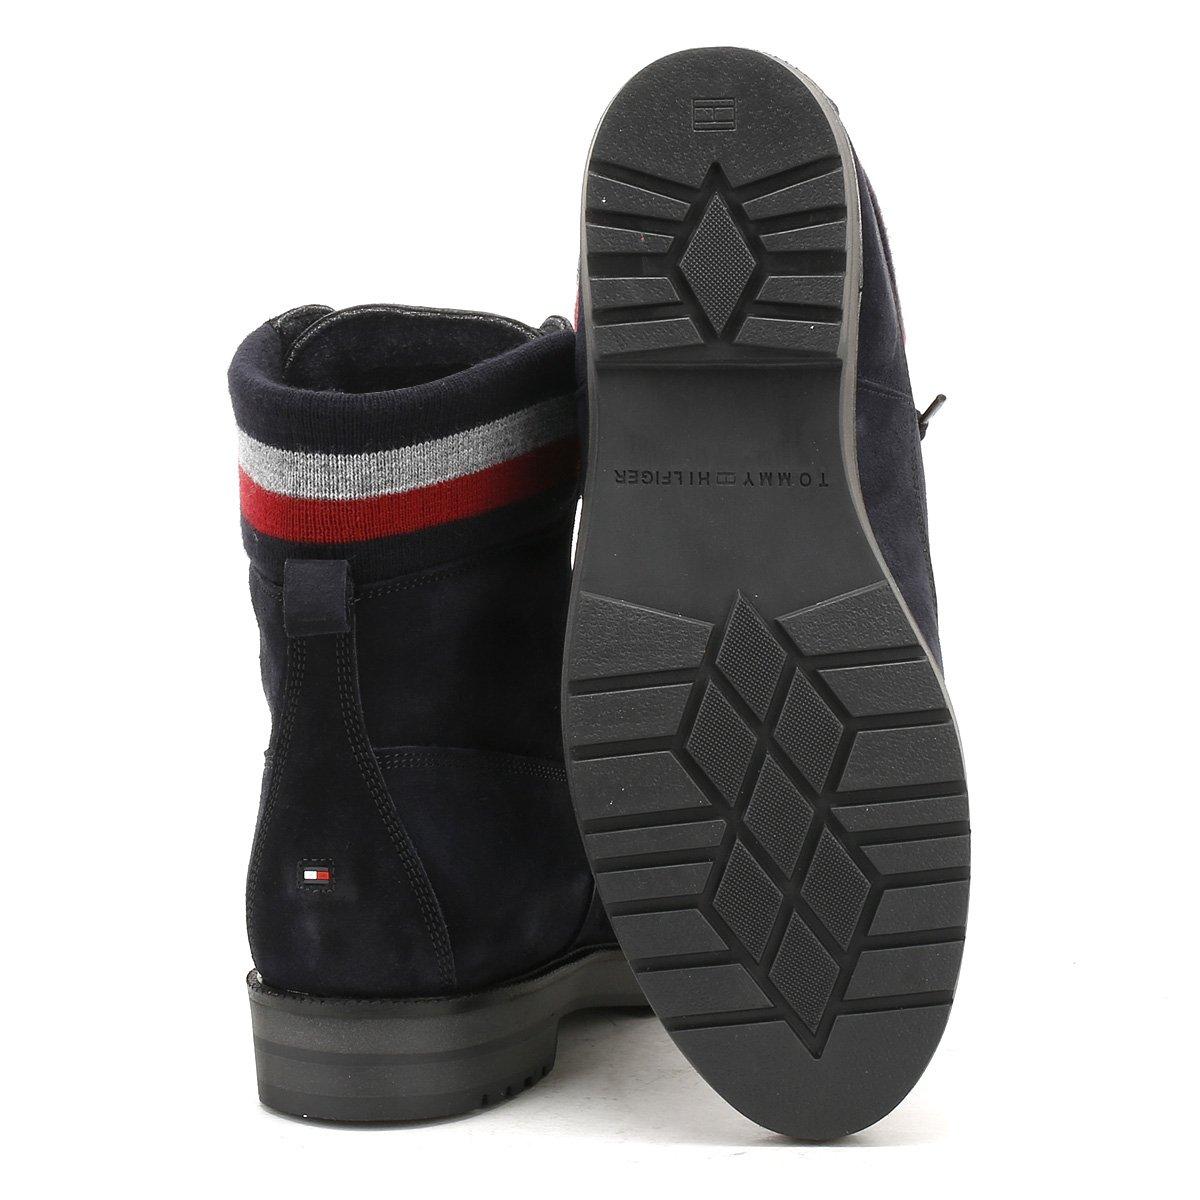 Tommy Hilfiger West 9b1 403, Botines Para Mujer: Amazon.es: Zapatos y complementos